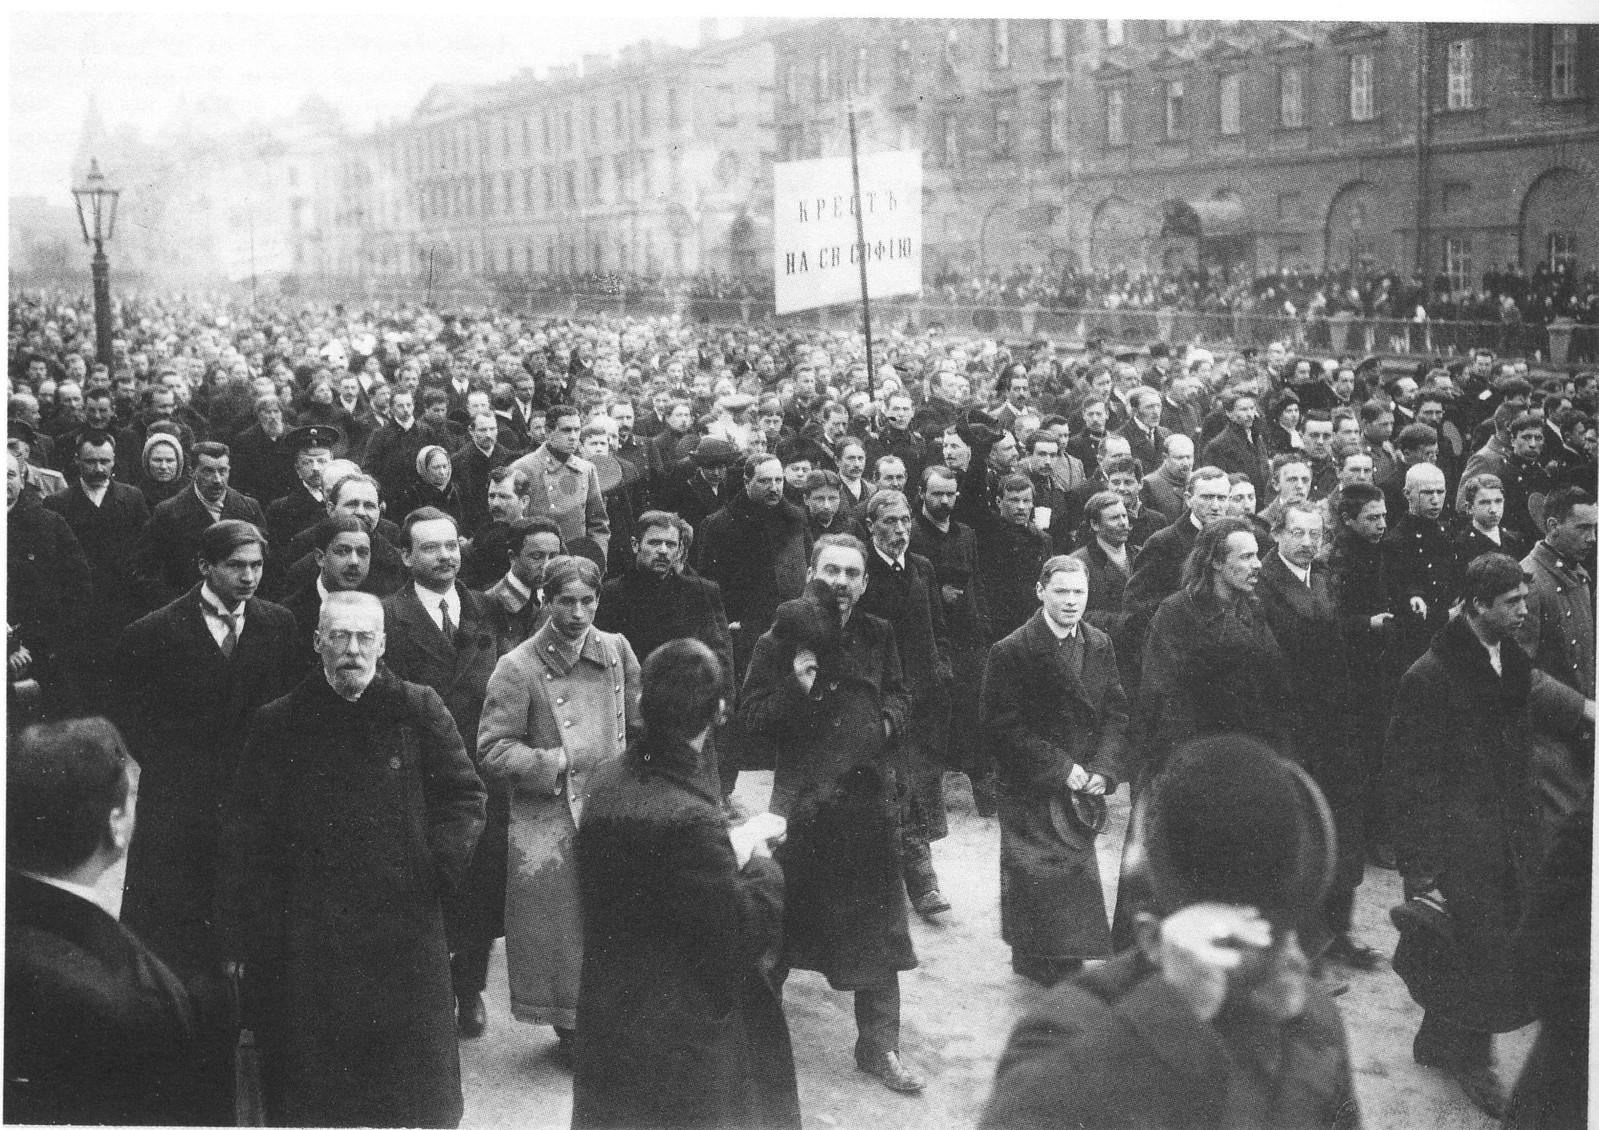 1913. Славянская манифестация на набережной Екатерининского канала